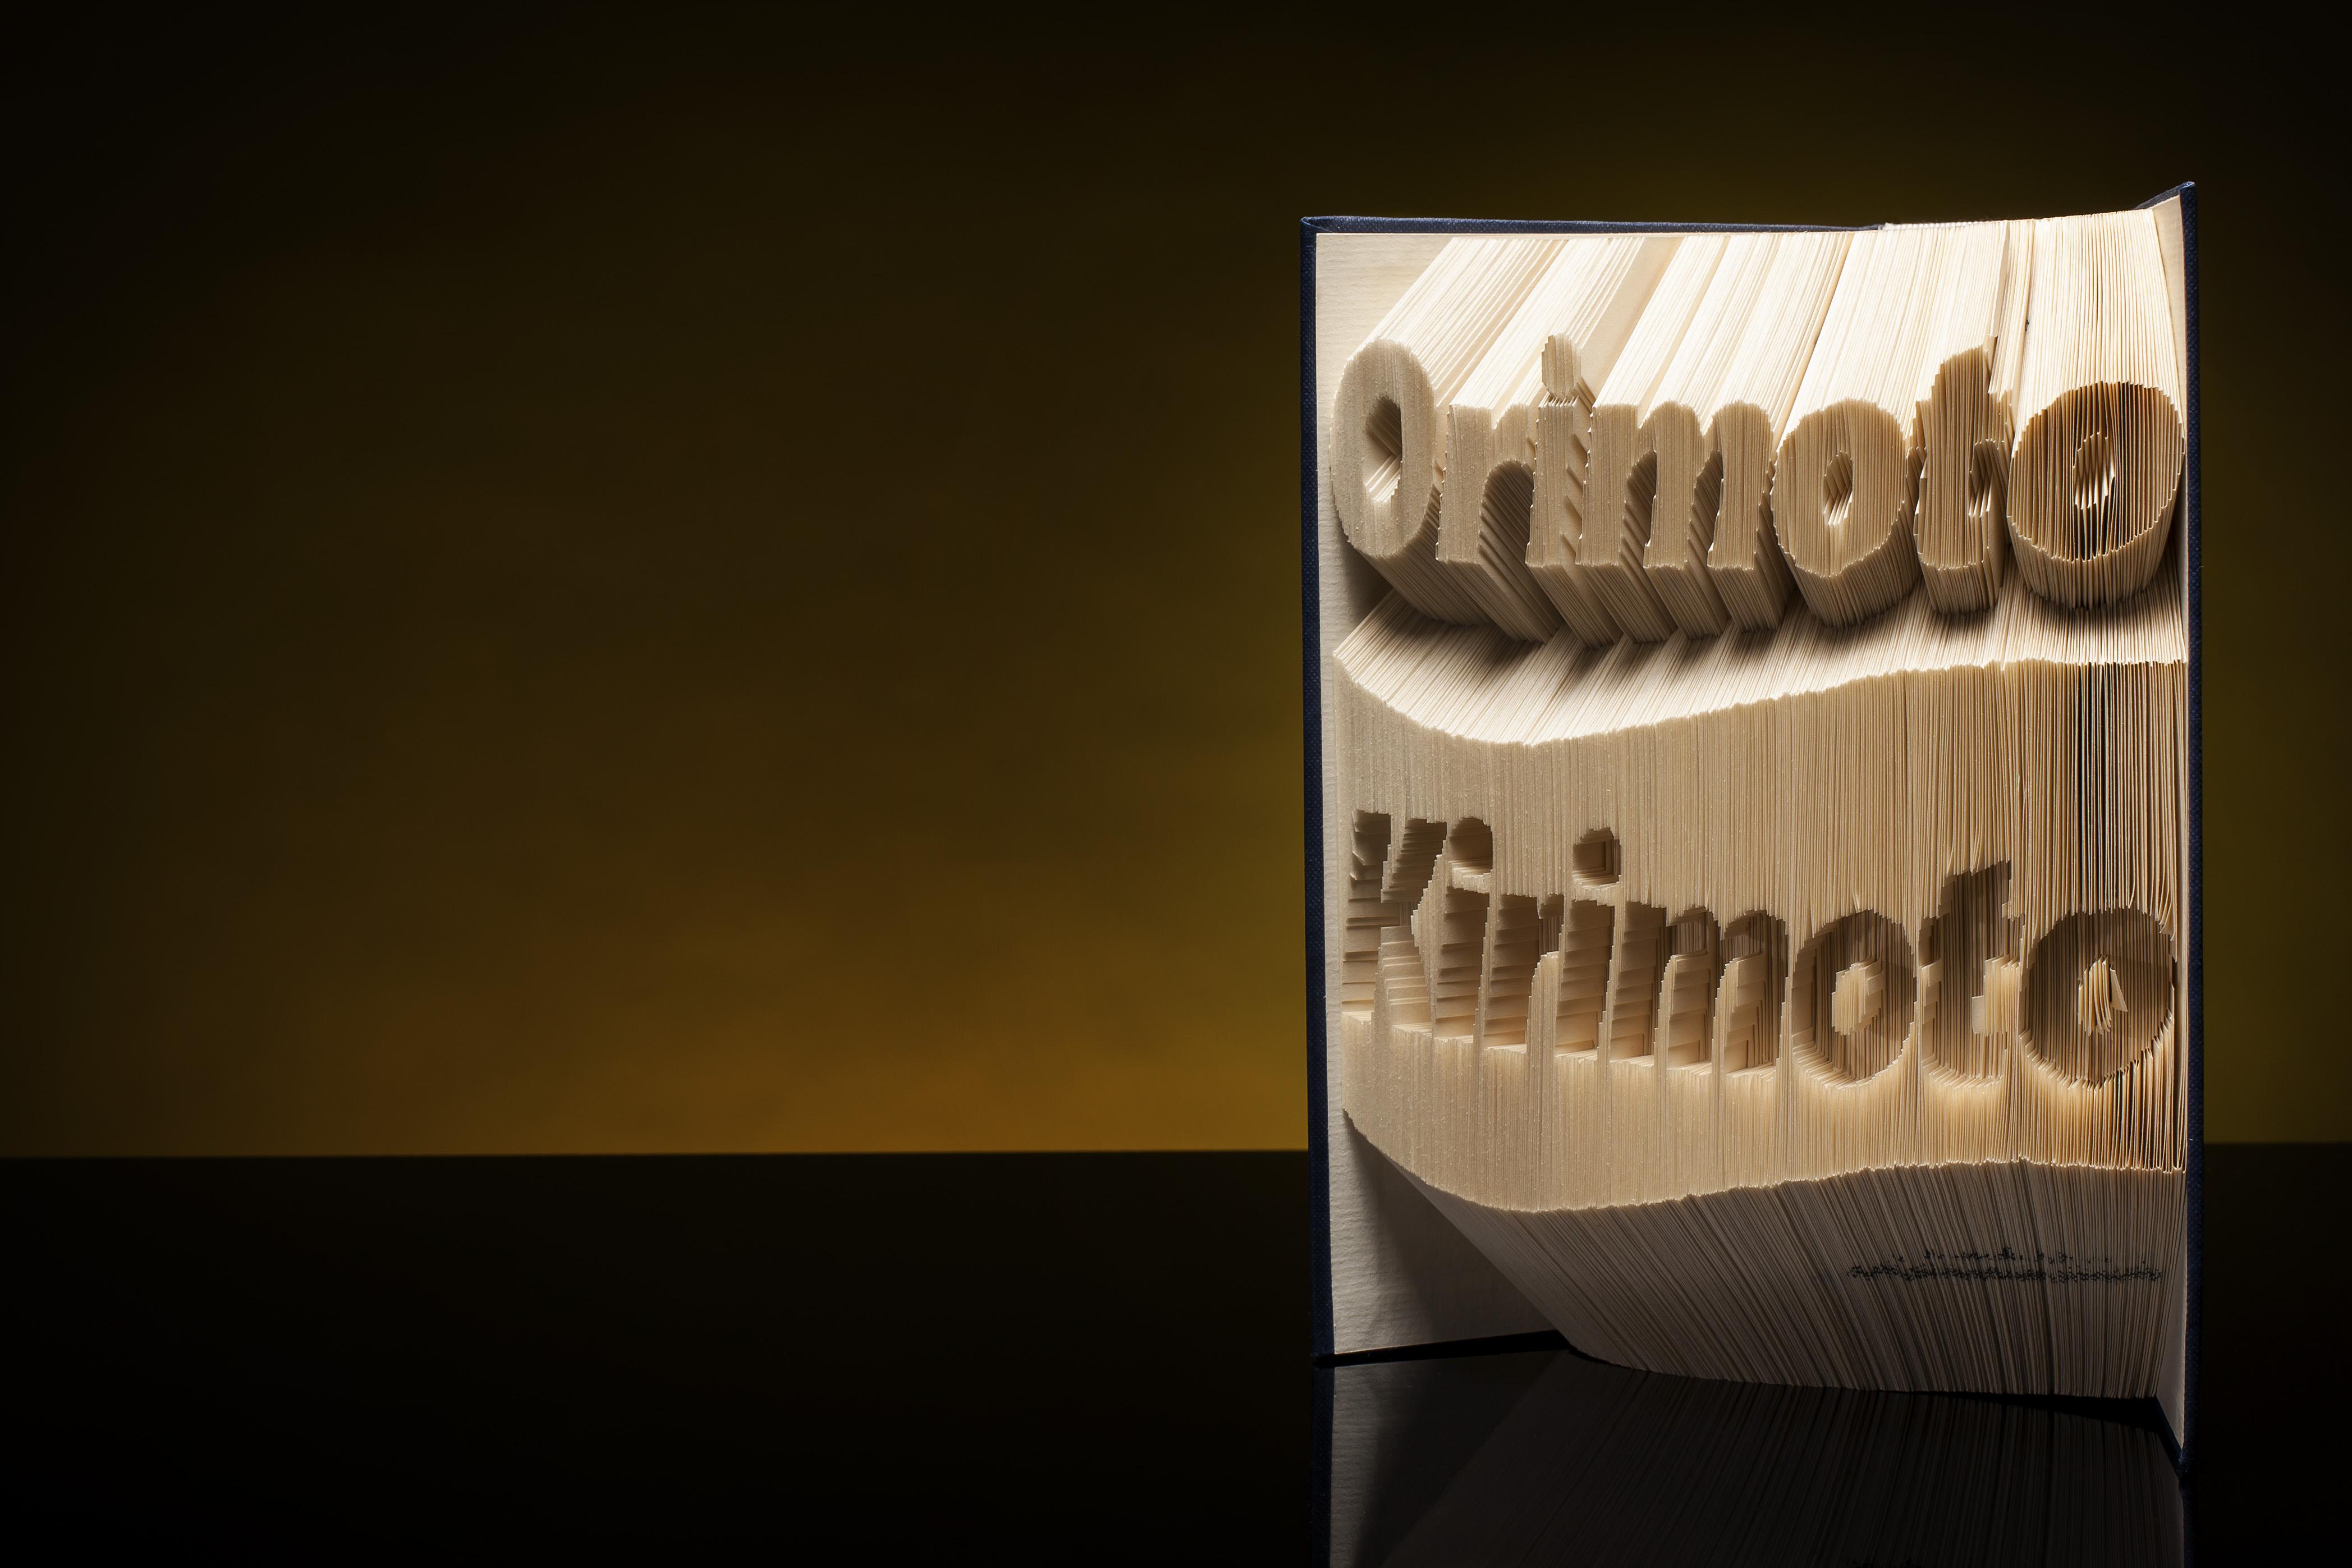 Kirimoto / Orimoto Anja Schachtner - Willkommen